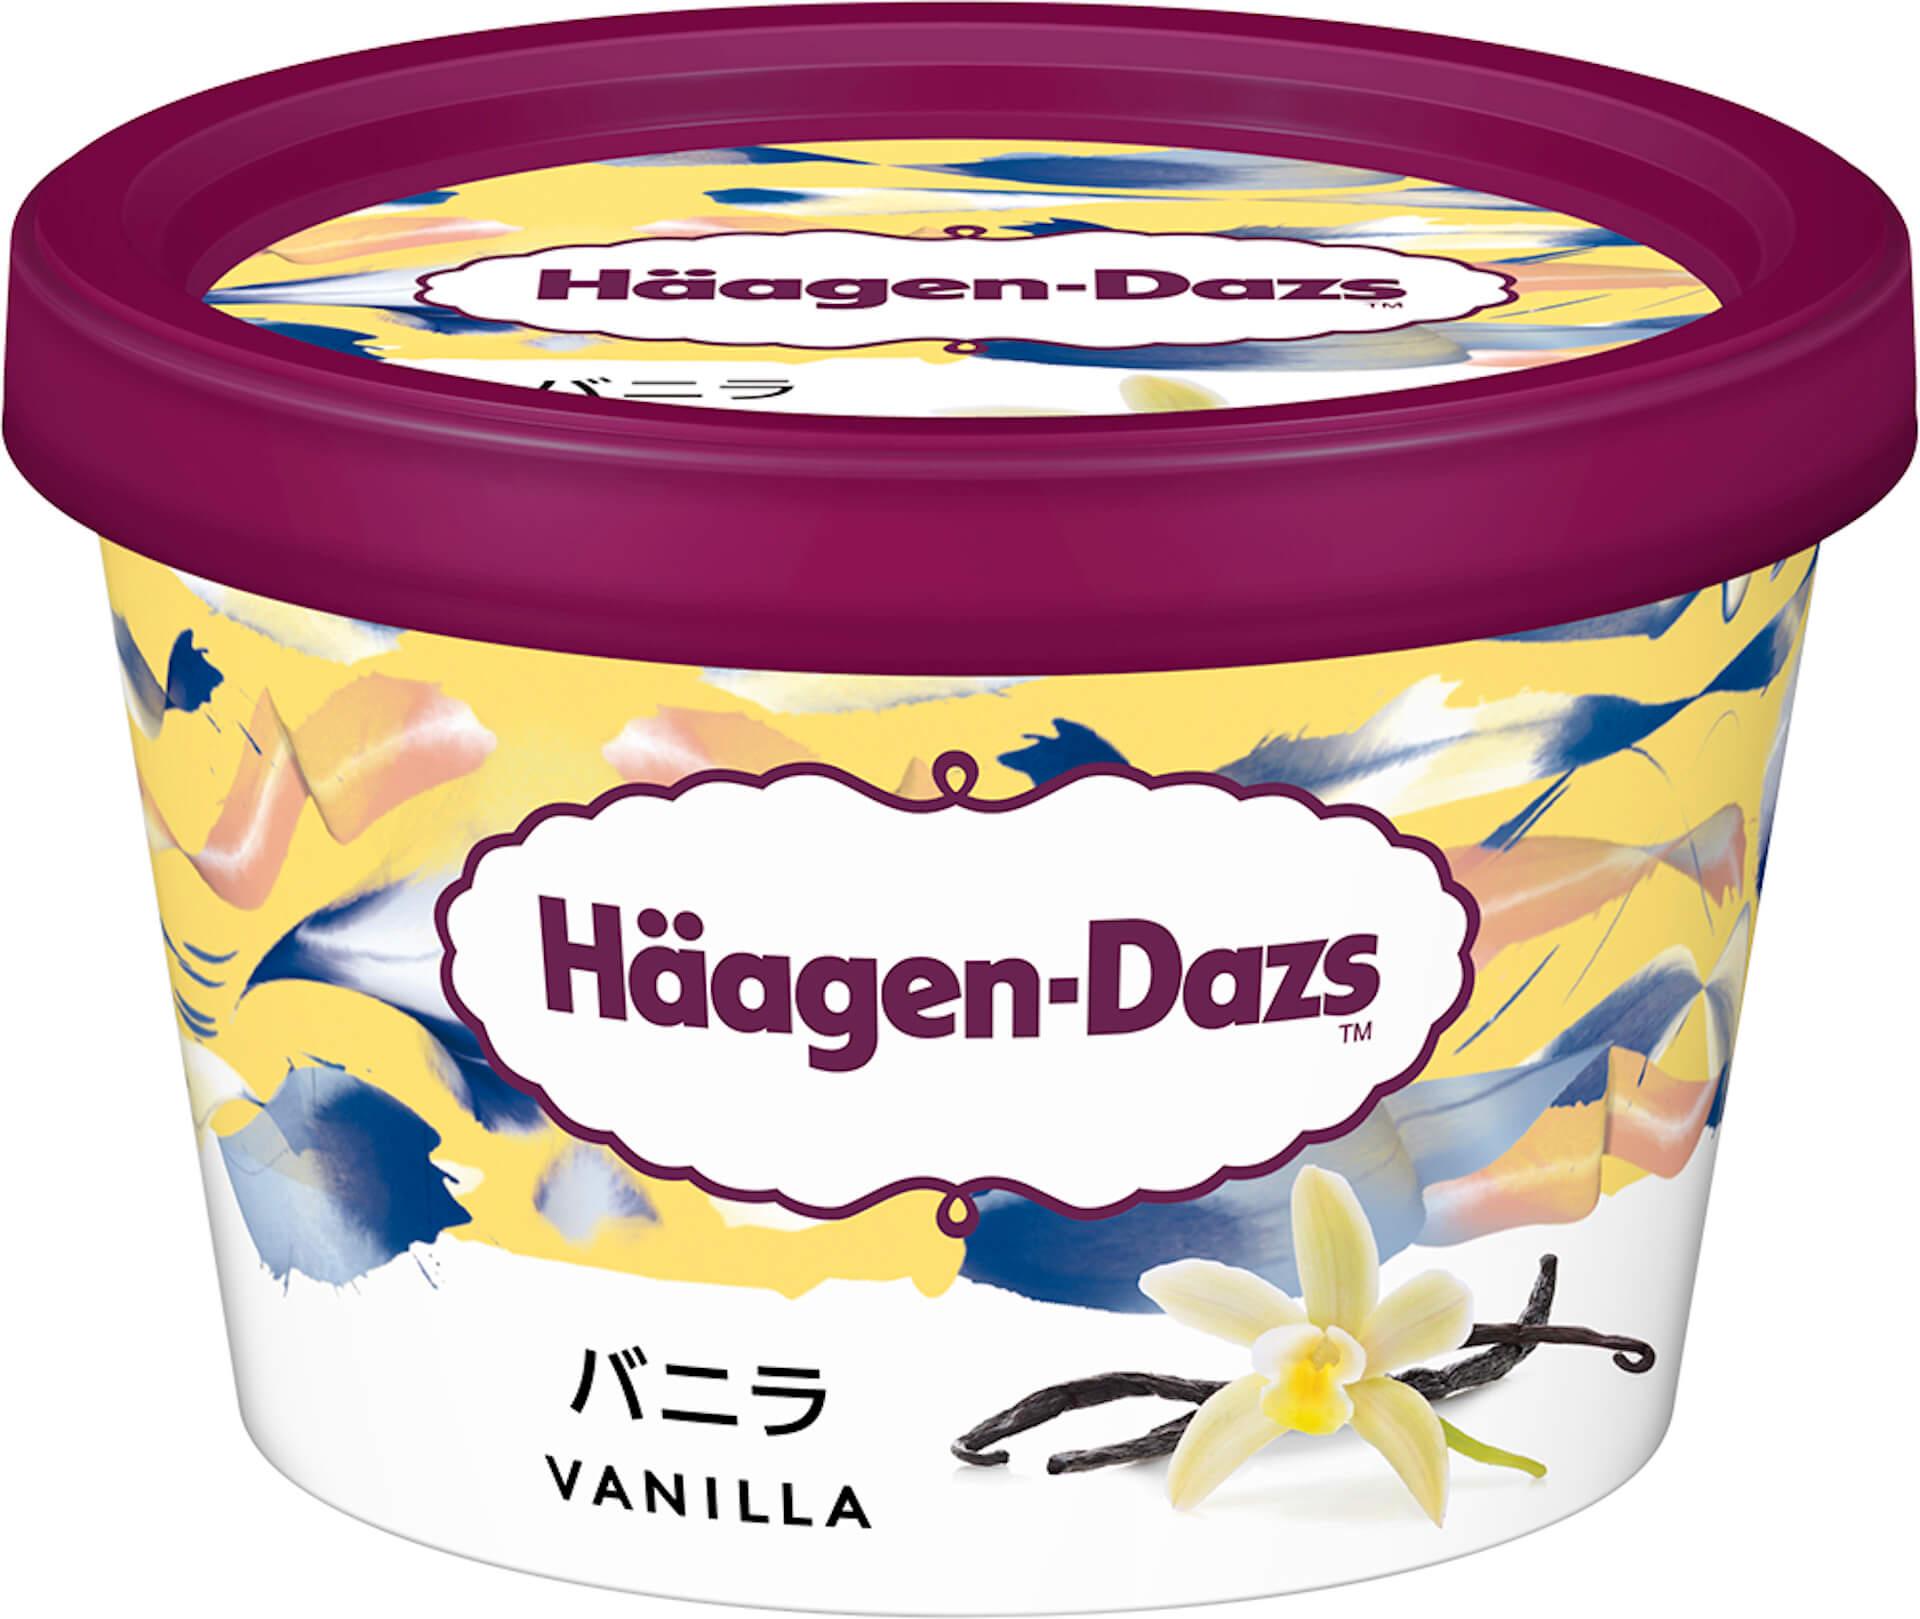 ハーゲンダッツからキャラメルの食感と濃厚な風味を味わえる『キャラメルホリック』が期間限定で新発売!ハーゲンダッツギフト券が当たるキャンペーンも gourmet200427_haagendazs_5